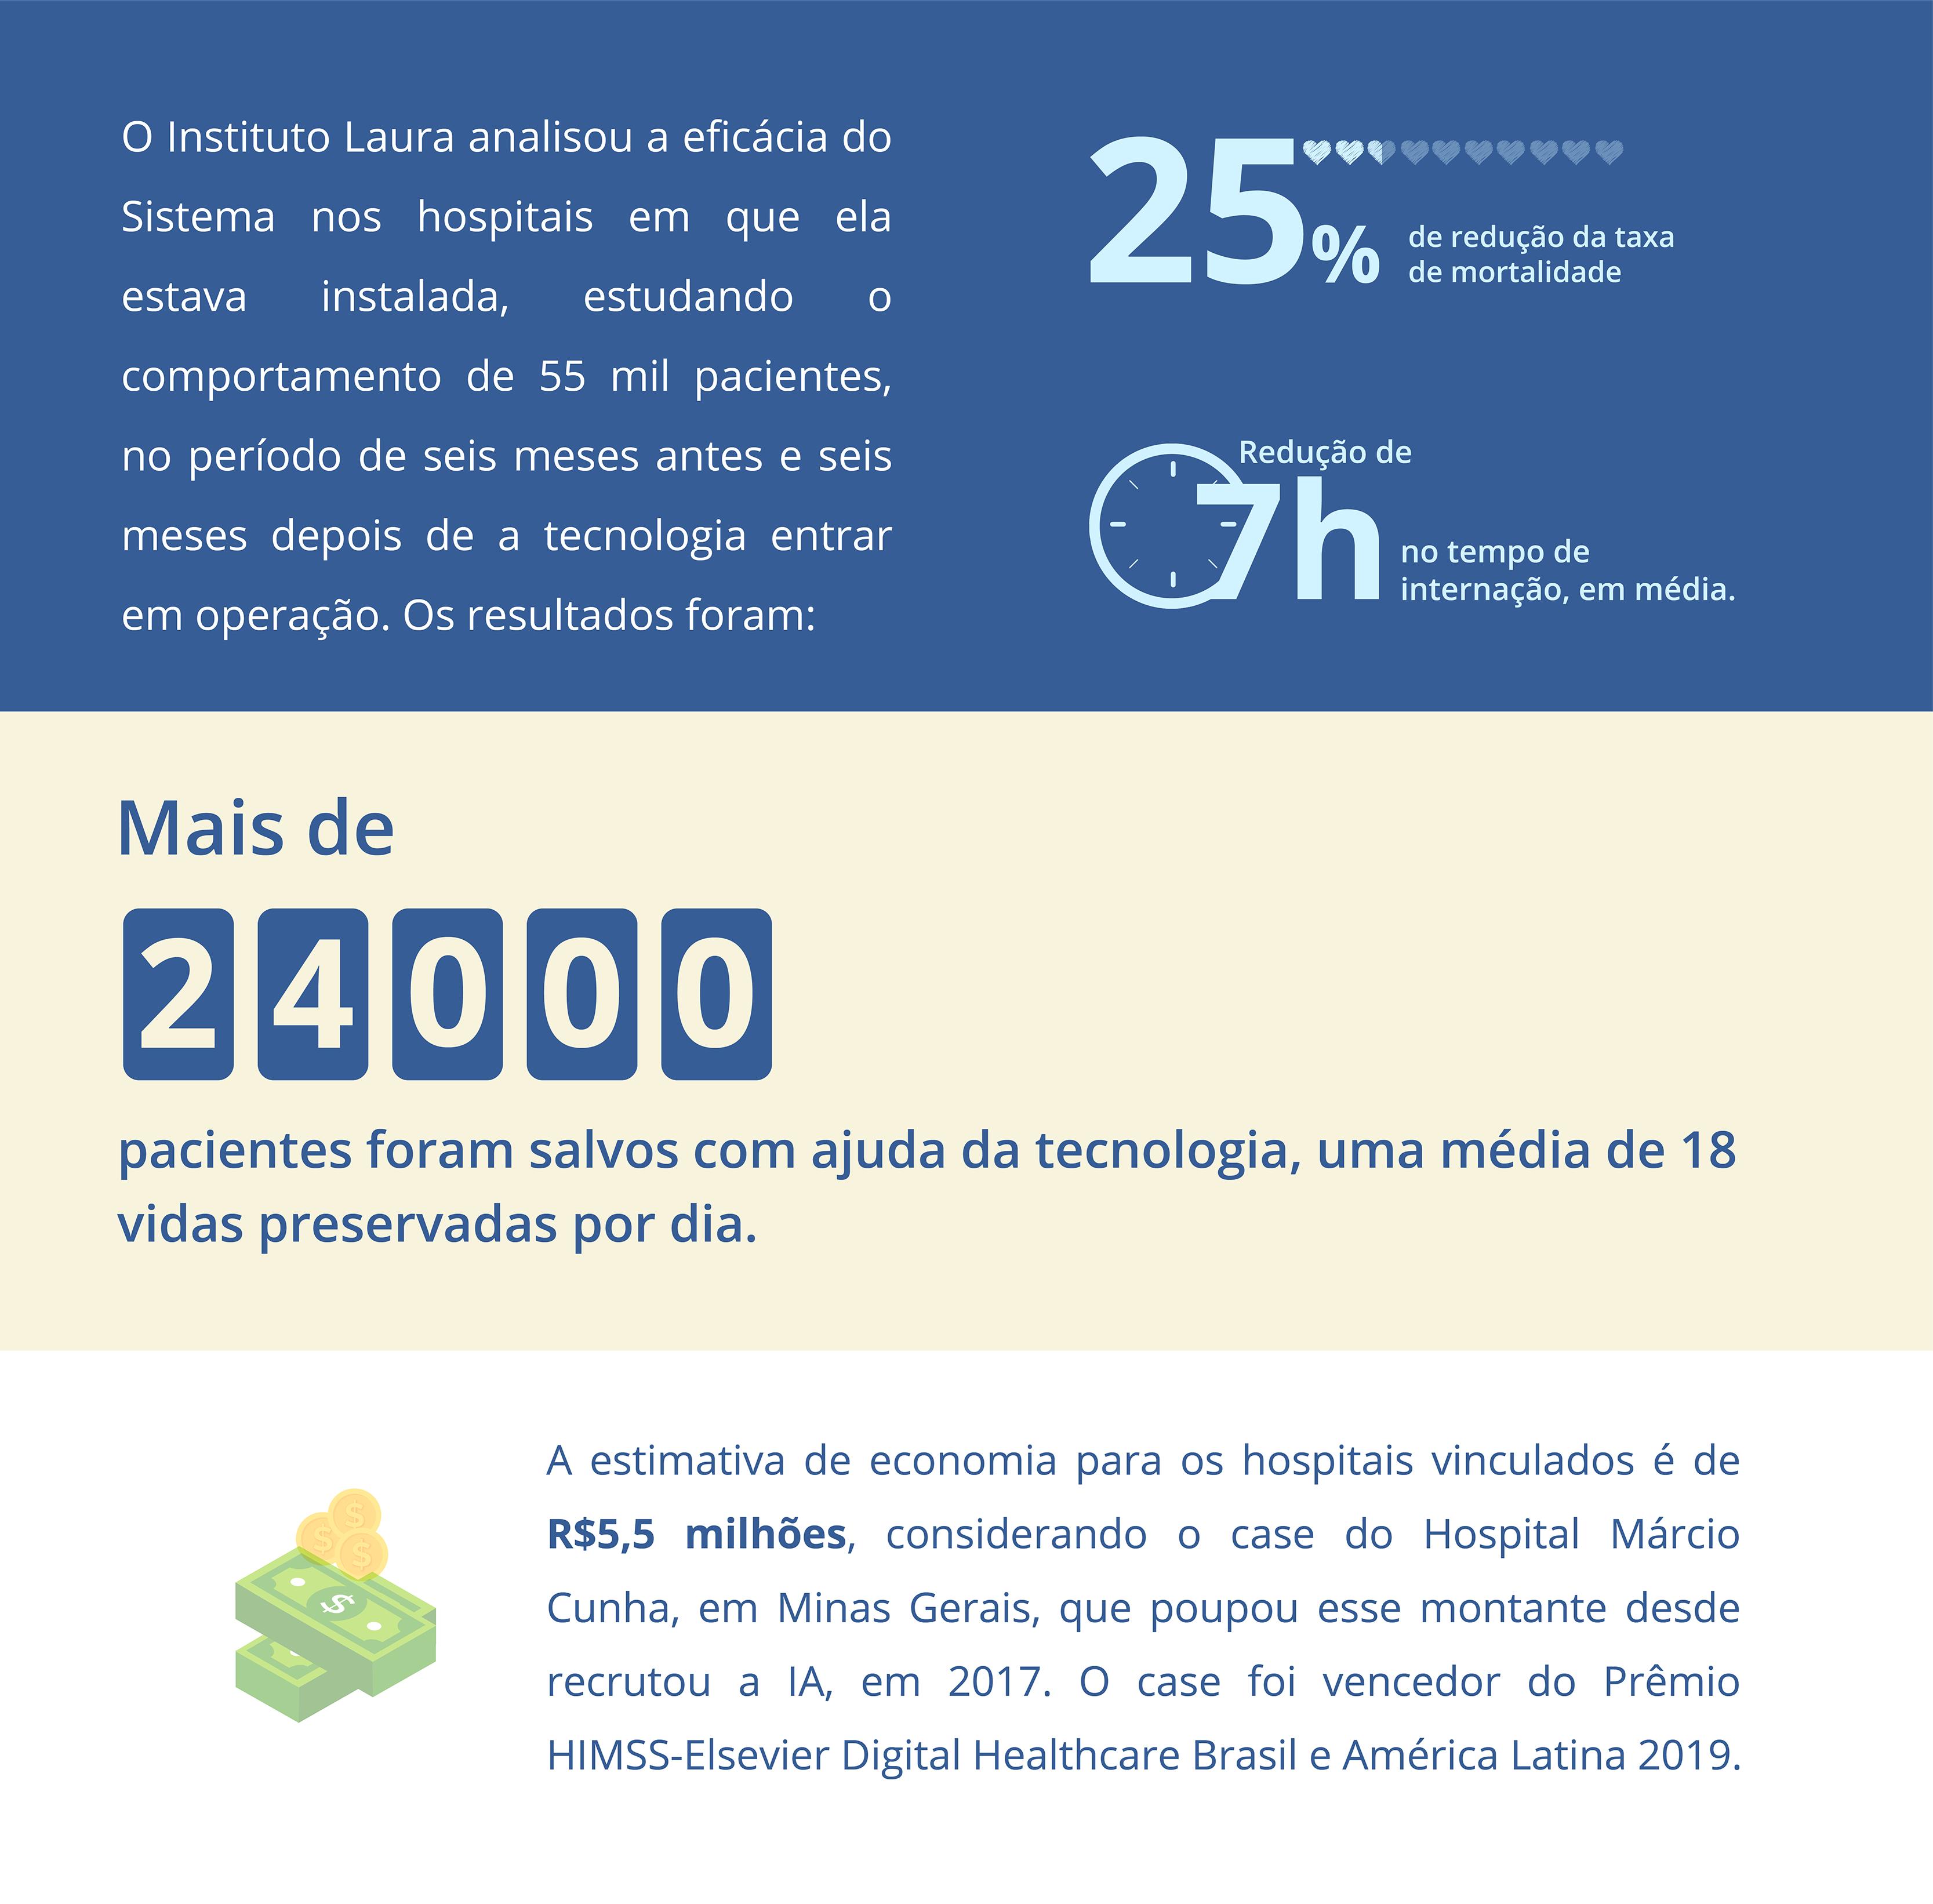 Inteligência artificial brasileira que ajuda a salvar vidas chega a hospitais públicos